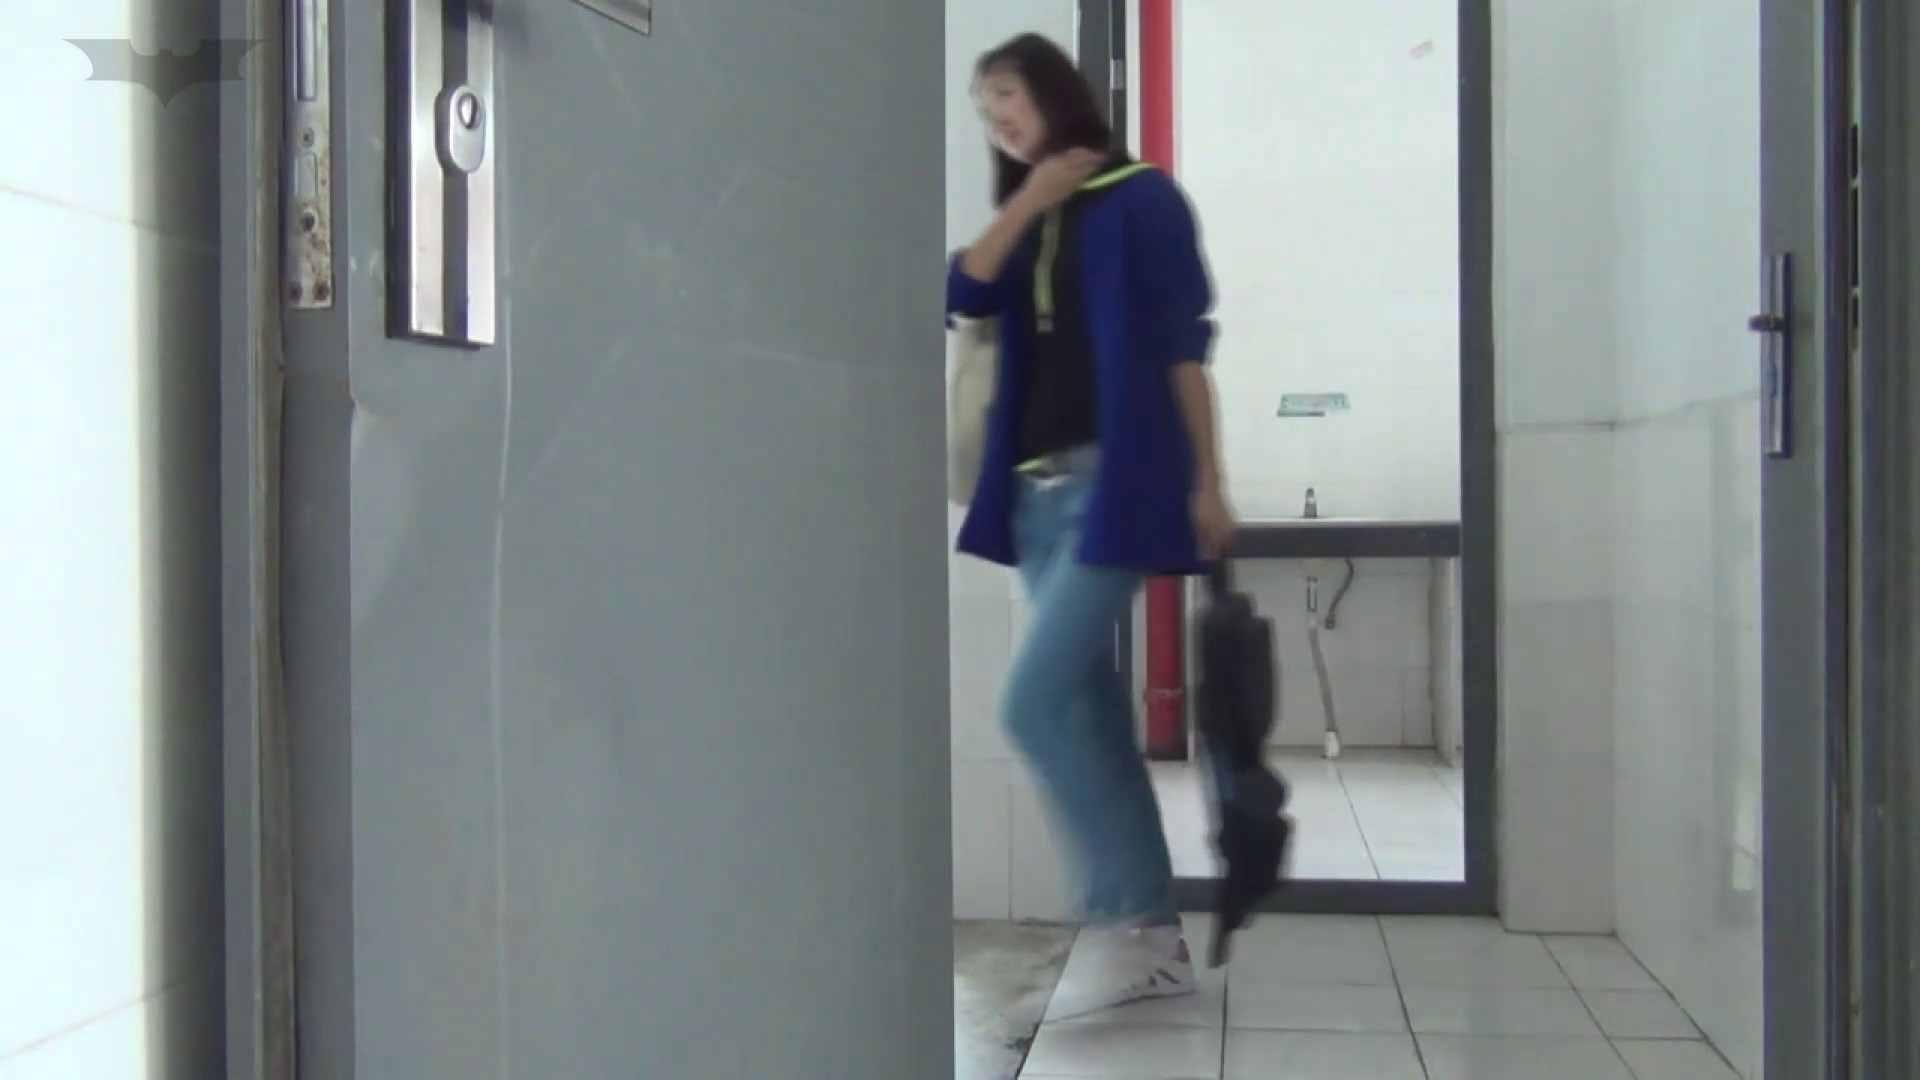 JD盗撮 美女の洗面所の秘密 Vol.34 盗撮エロすぎ | 洗面所着替え  36連発 21